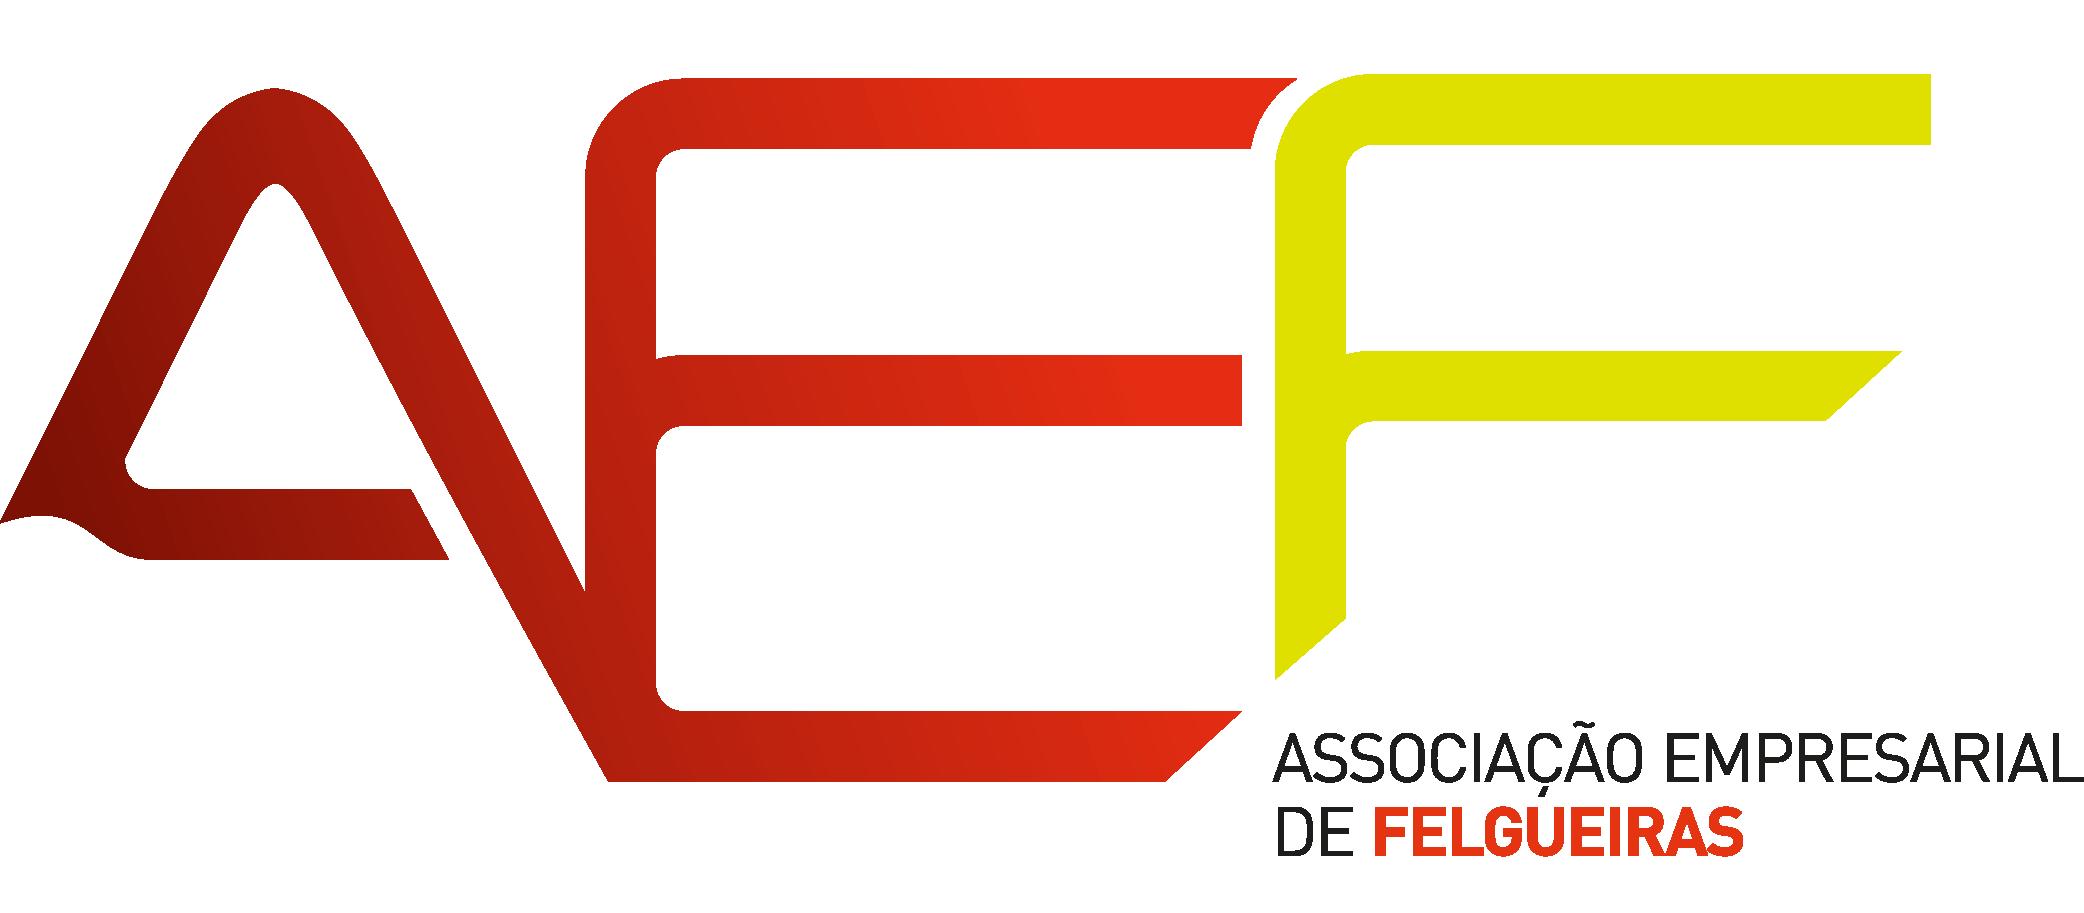 Associação Empresarial de Felgueiras